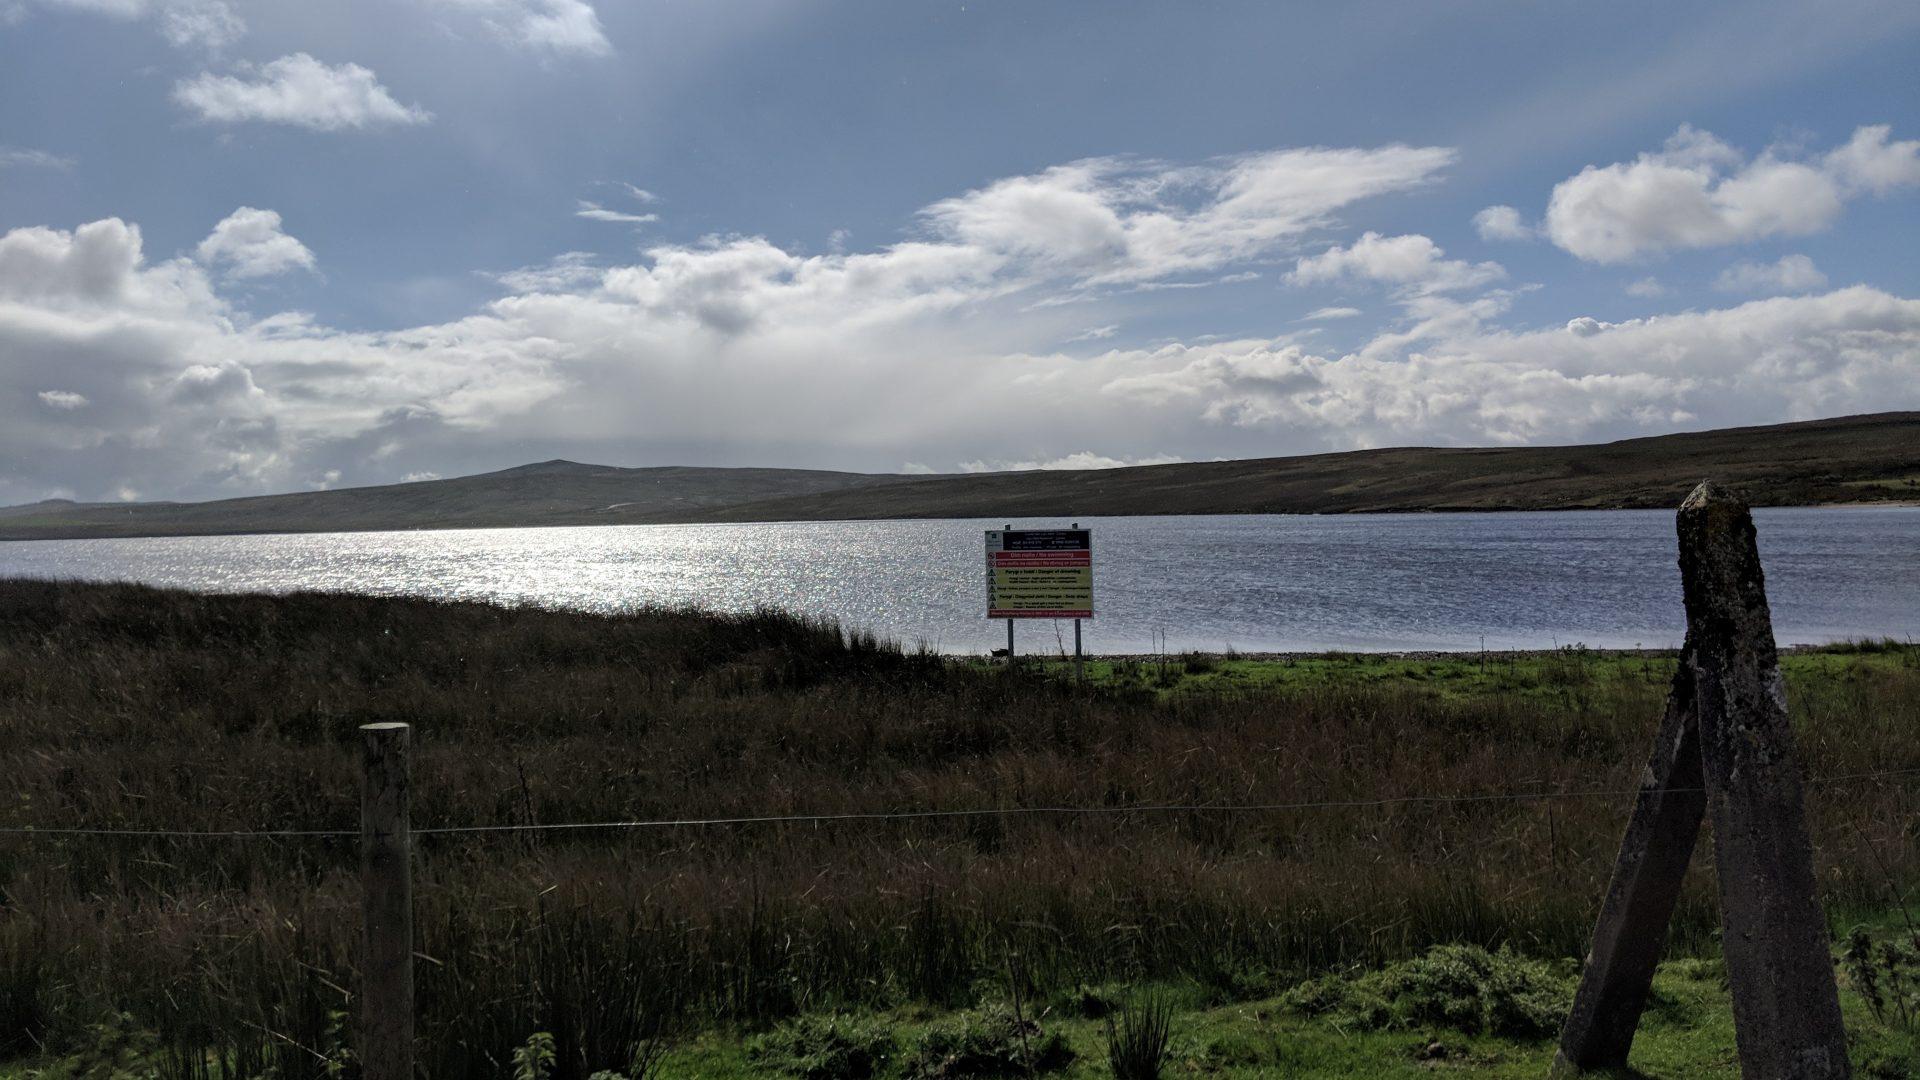 Llyn Aled Signage